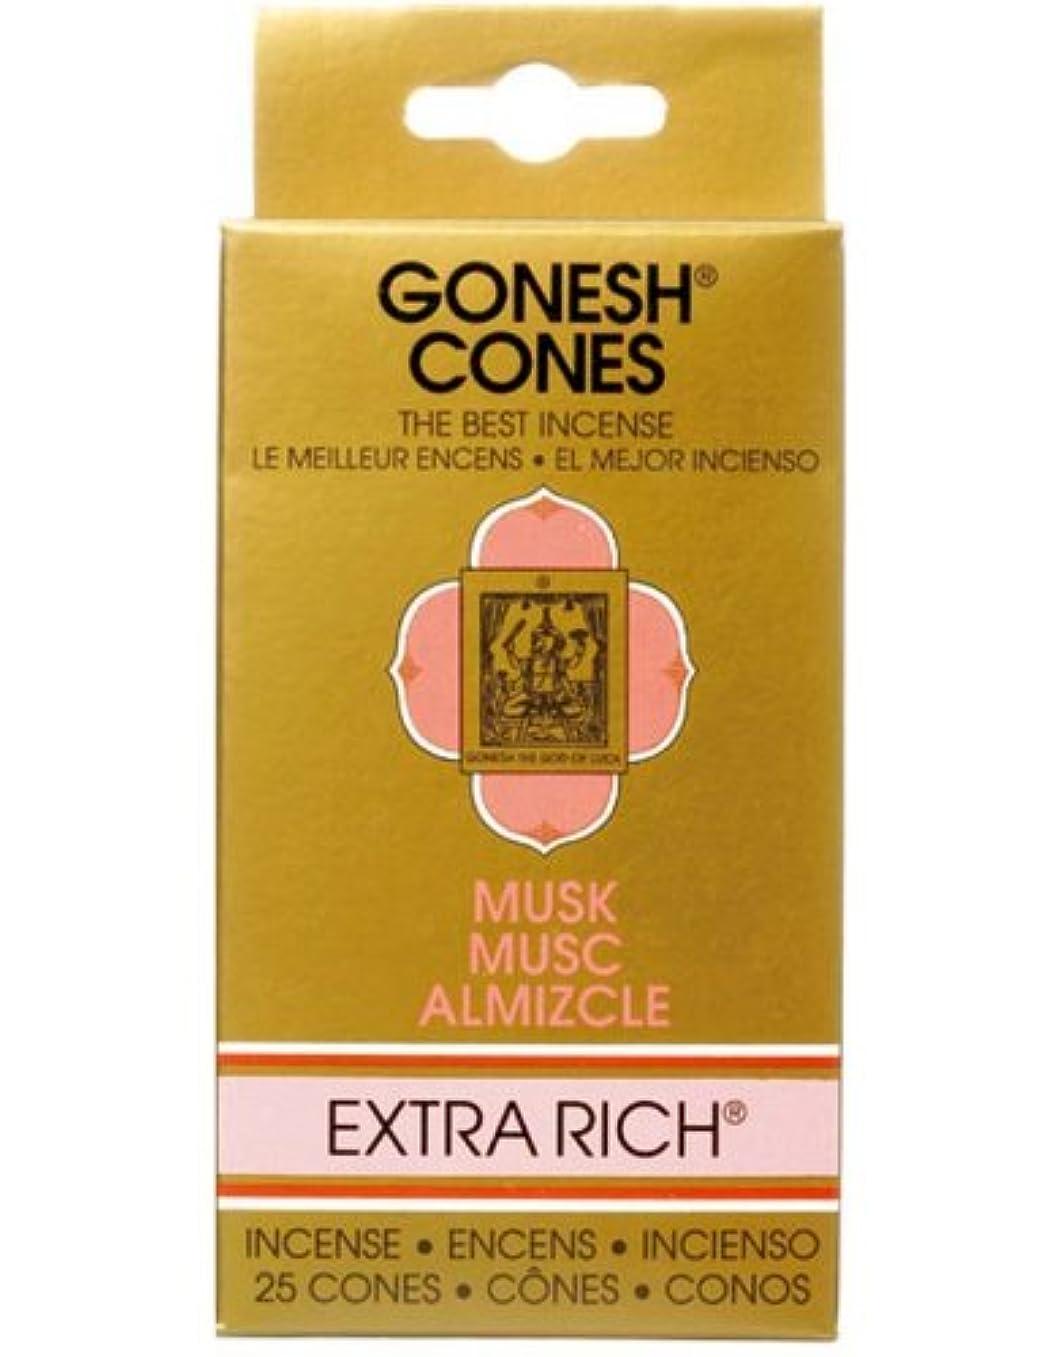 可塑性捕虜ミキサーガーネッシュ(GONESH) エクストラリッチ インセンス コーン ムスク 25個入(お香)